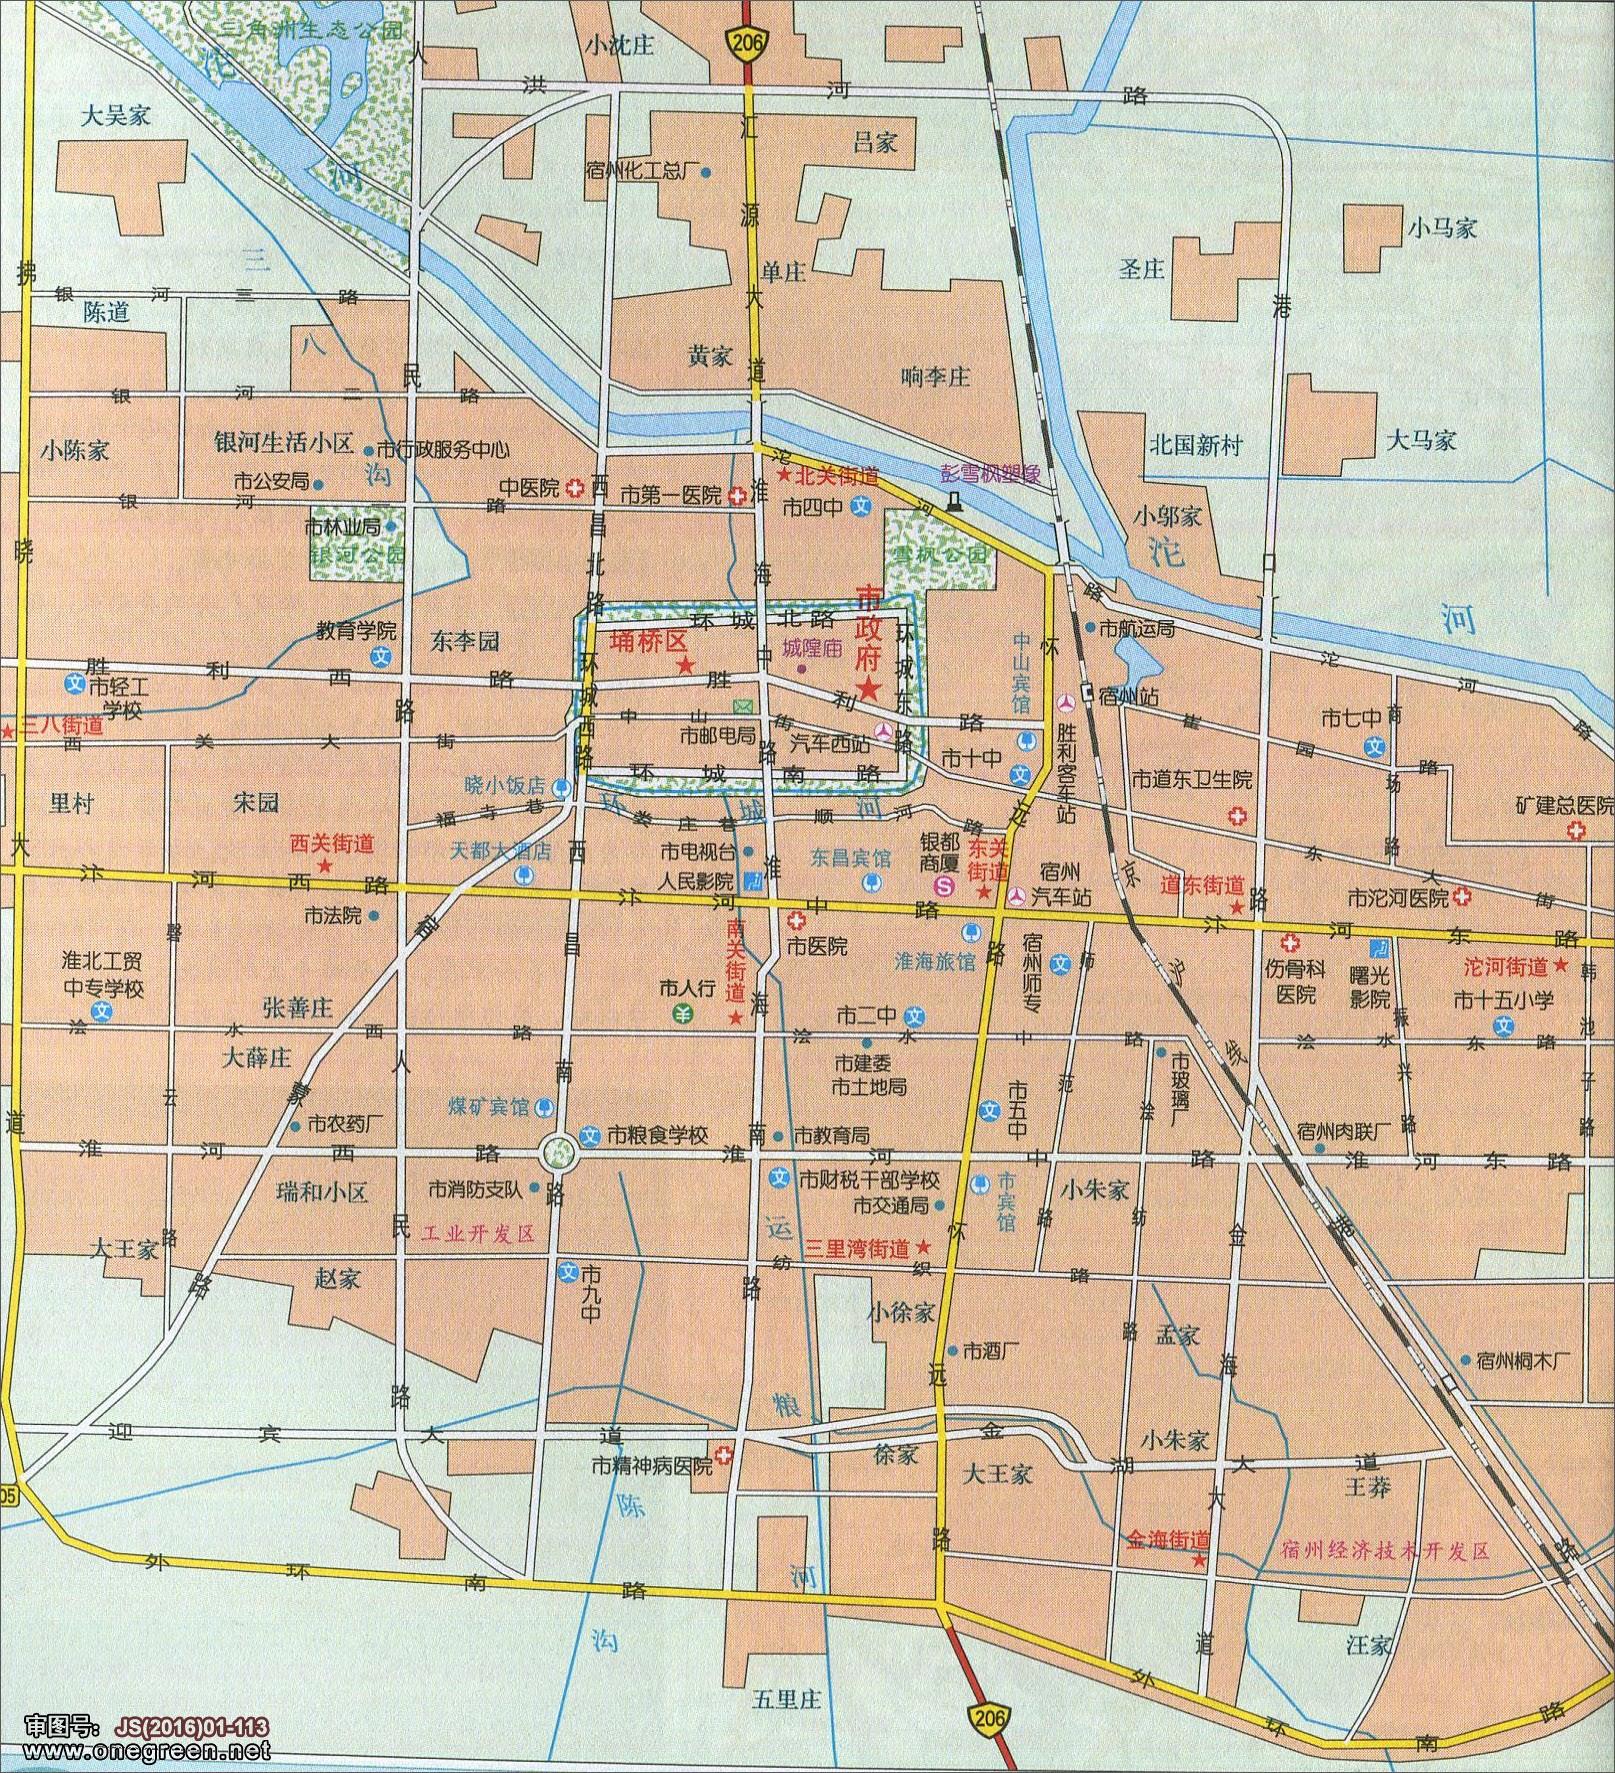 宿州城区地图